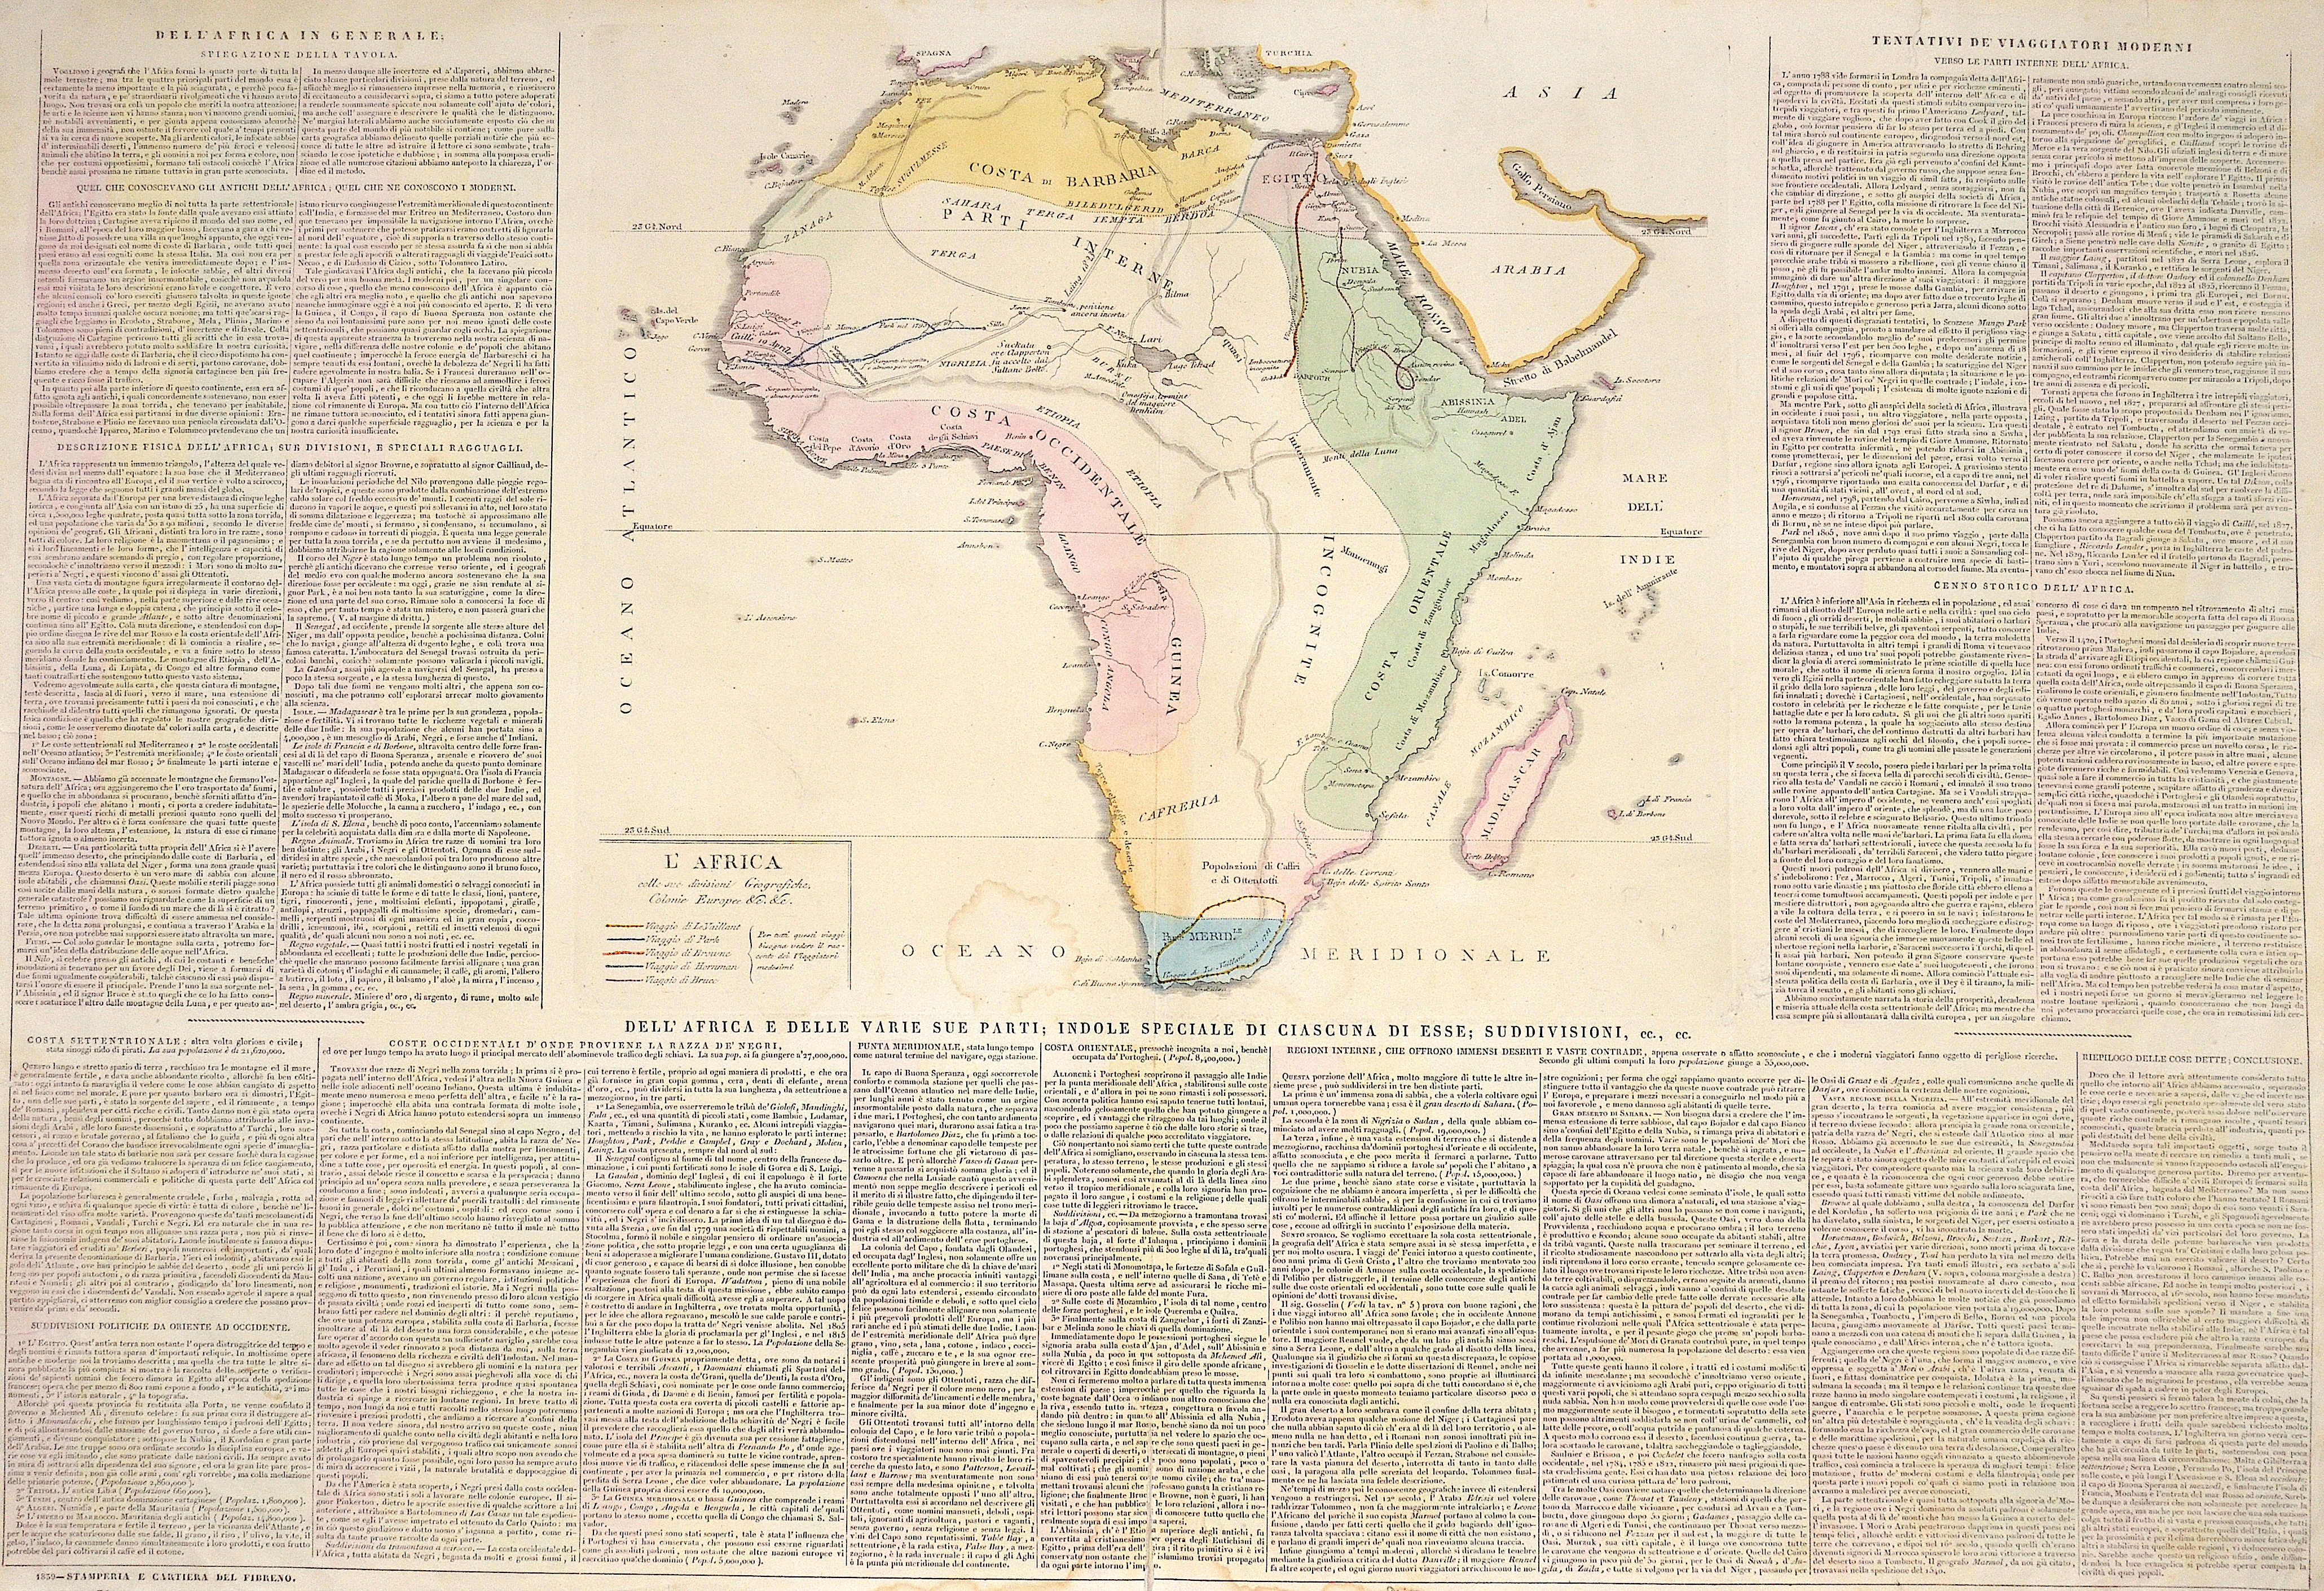 Anonymus  L'Africa colle sue divisioni Geografiche, Colonie Europee